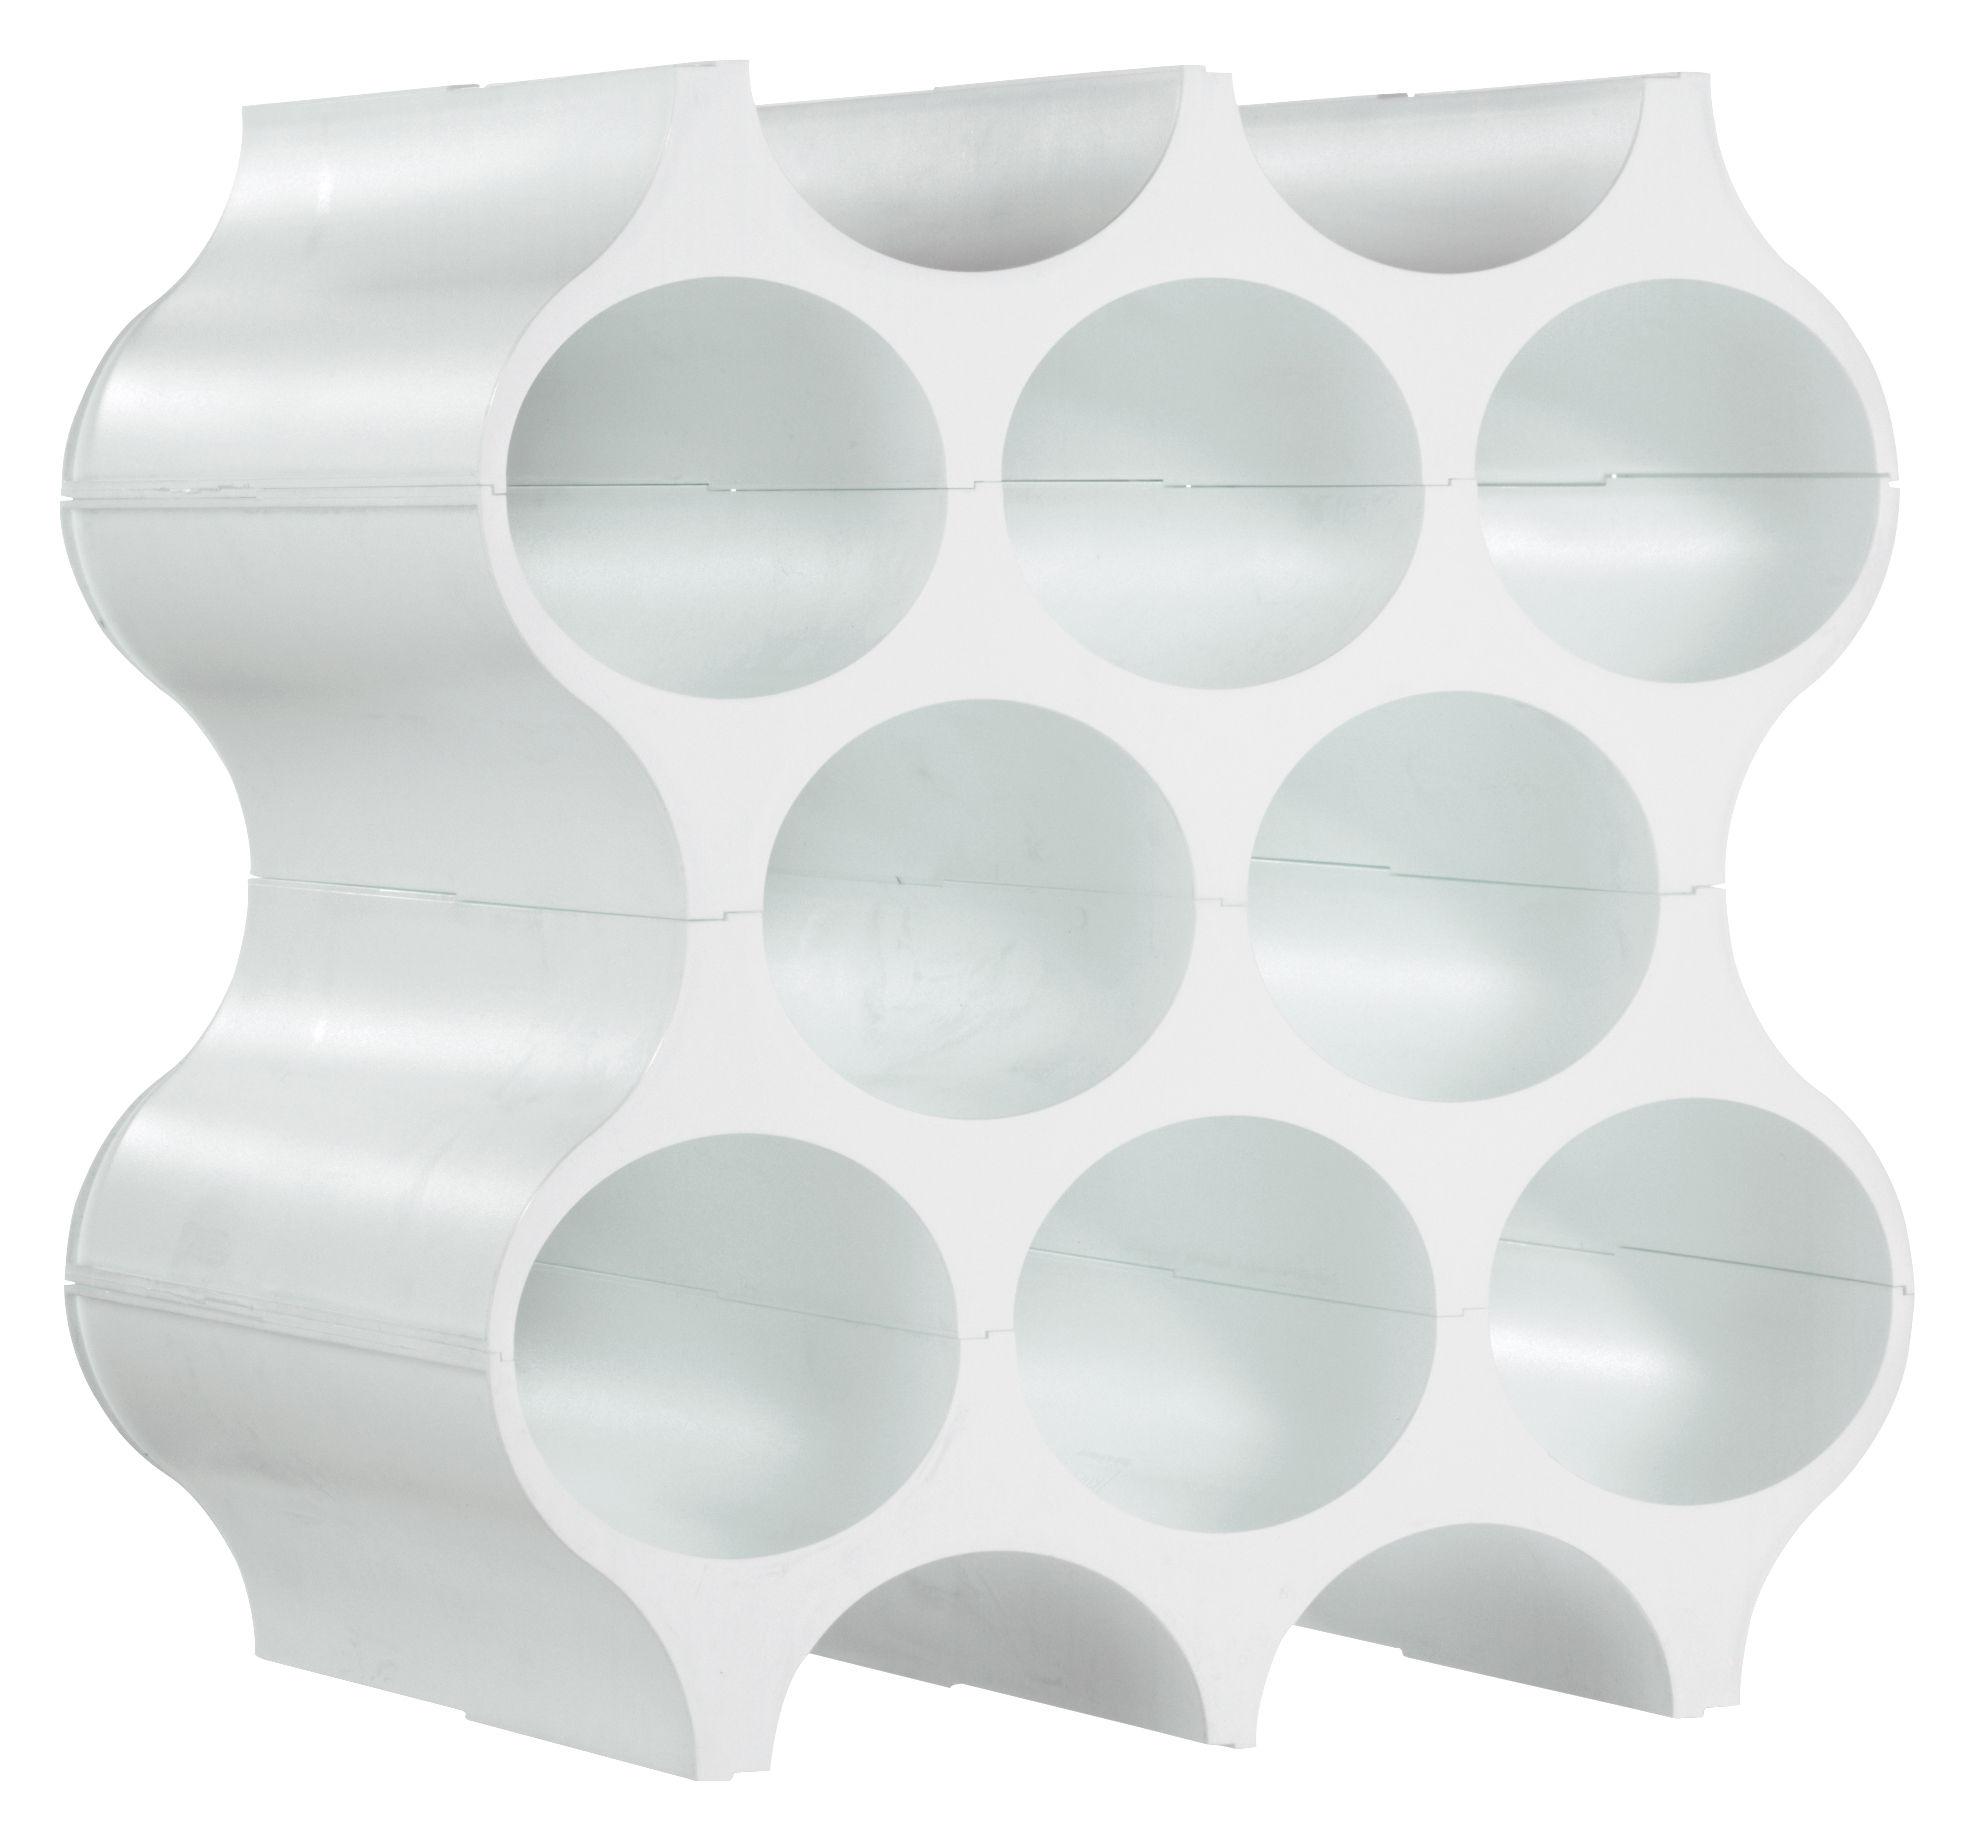 Tischkultur - Bar, Wein und Apéritif - Setup Flaschenregal - Koziol - Weiß - Plastik